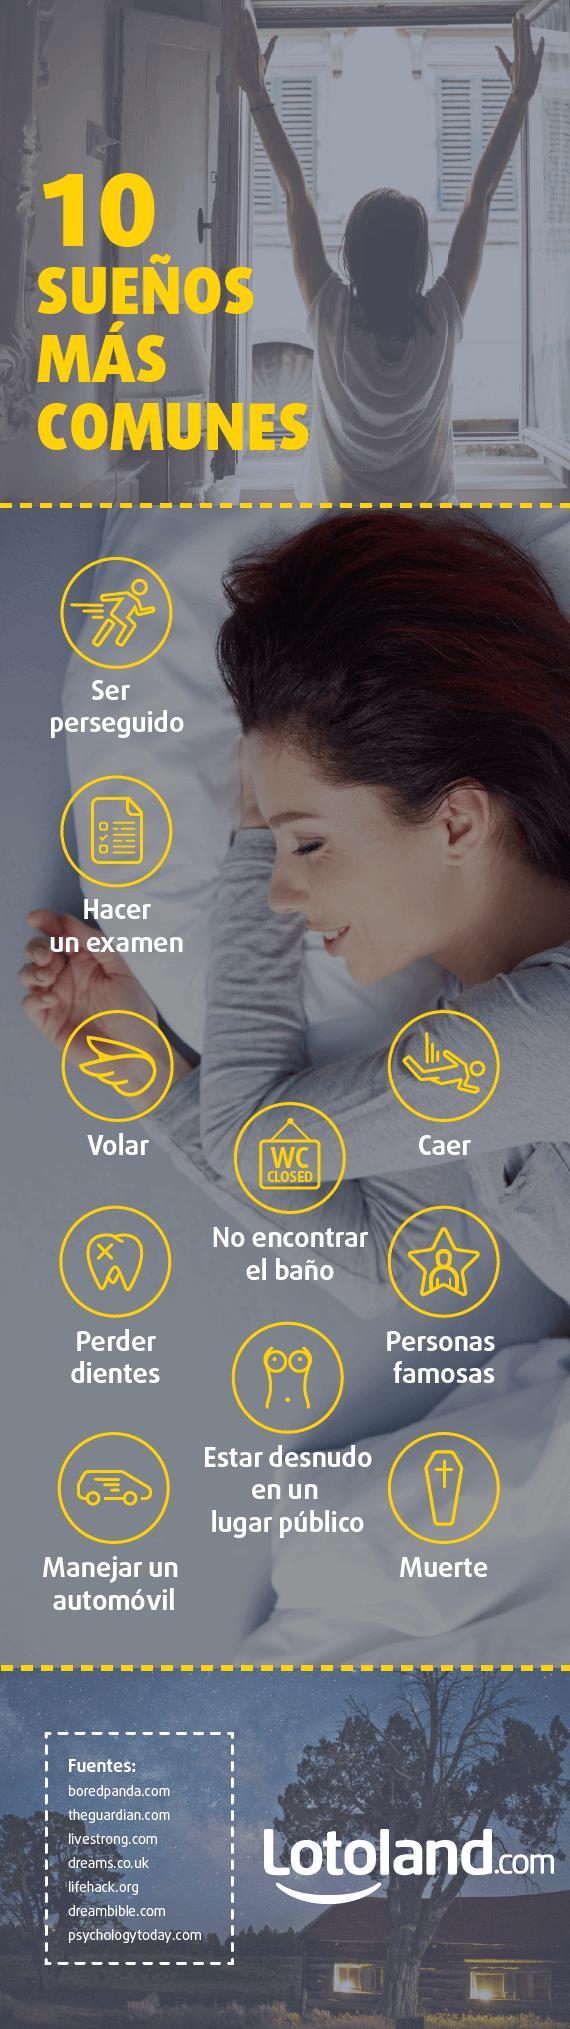 Infografía con los 10 sueños más comunes